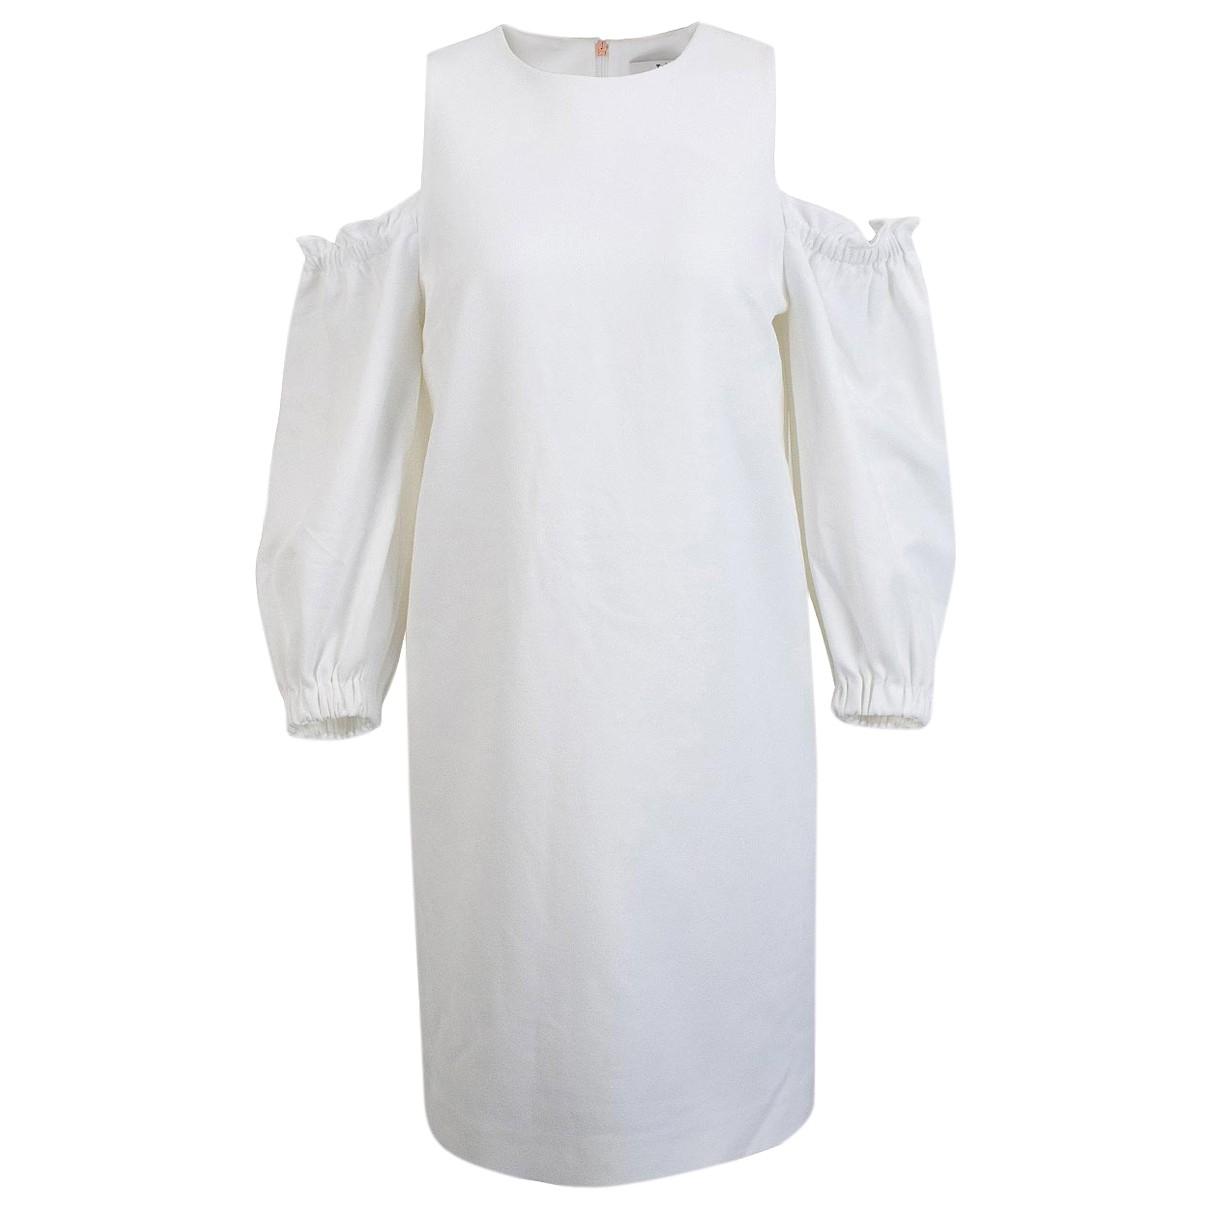 Tibi \N Kleid in  Weiss Synthetik